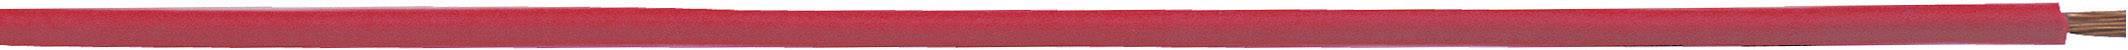 Opletenie / lanko LappKabel 4510071 H05V-K, 1 x 0.50 mm², vonkajší Ø 2.10 mm, 100 m, fialová